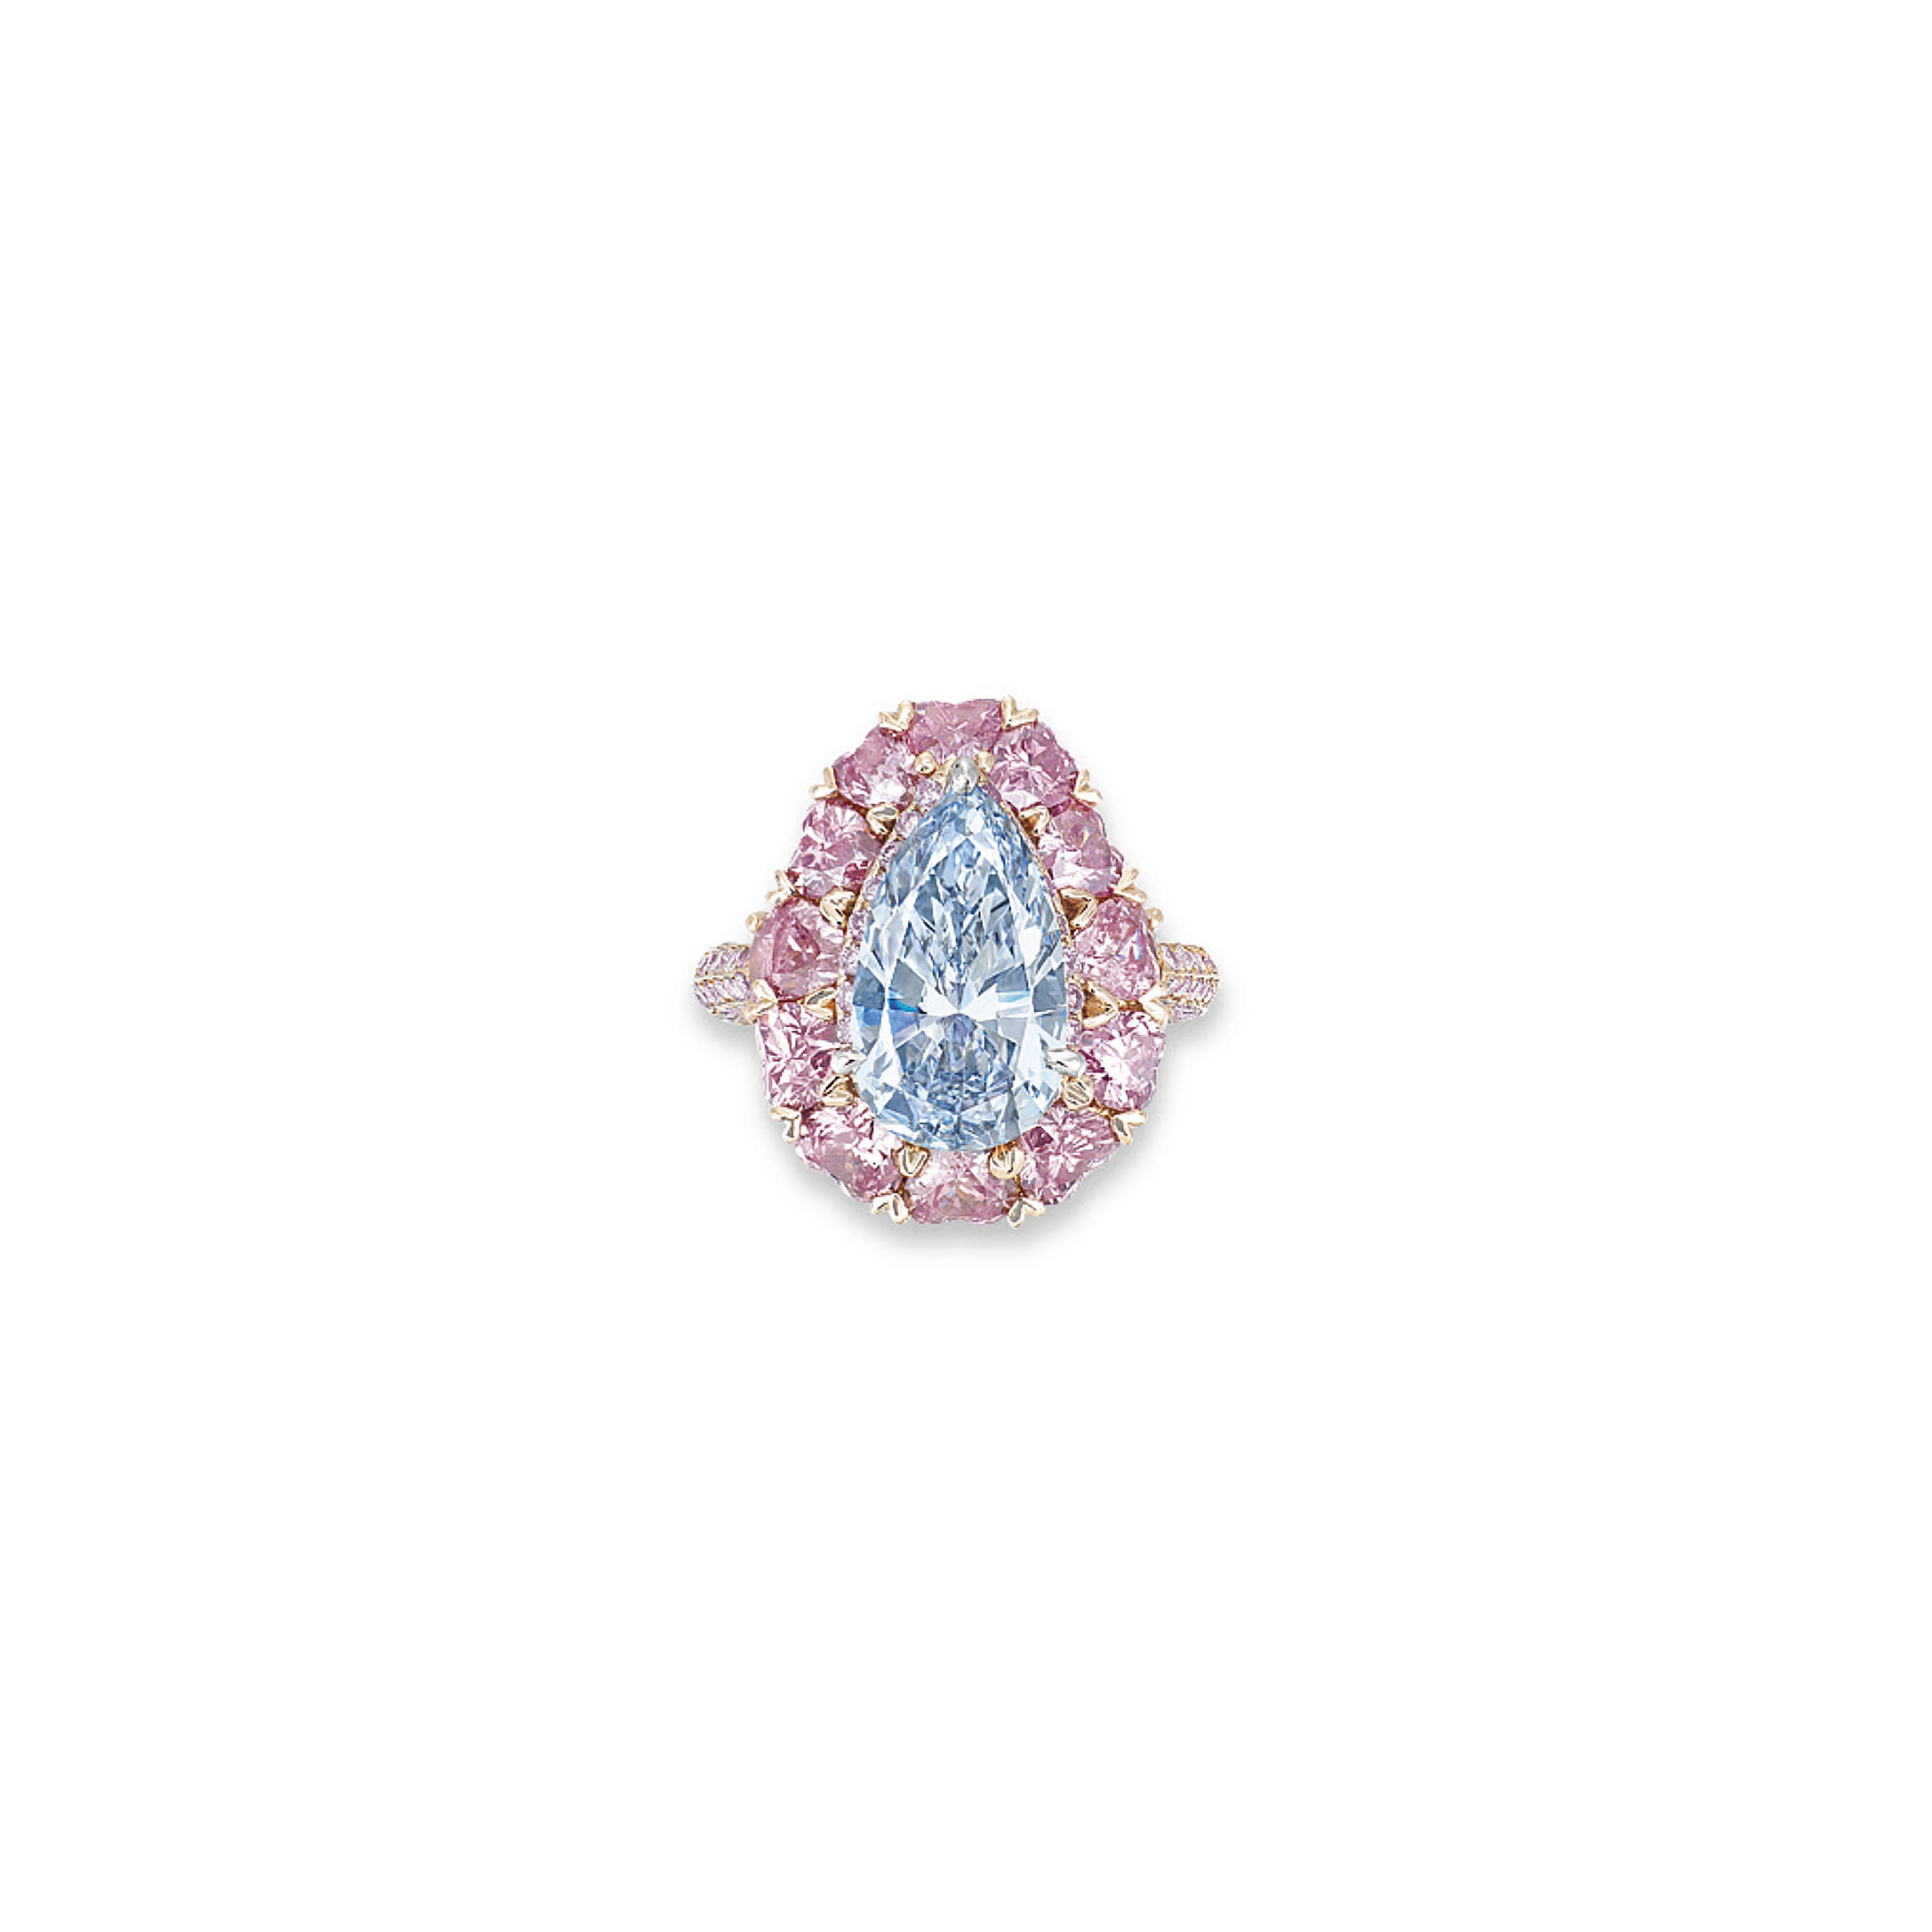 A RARE COLOURED DIAMOND RING,